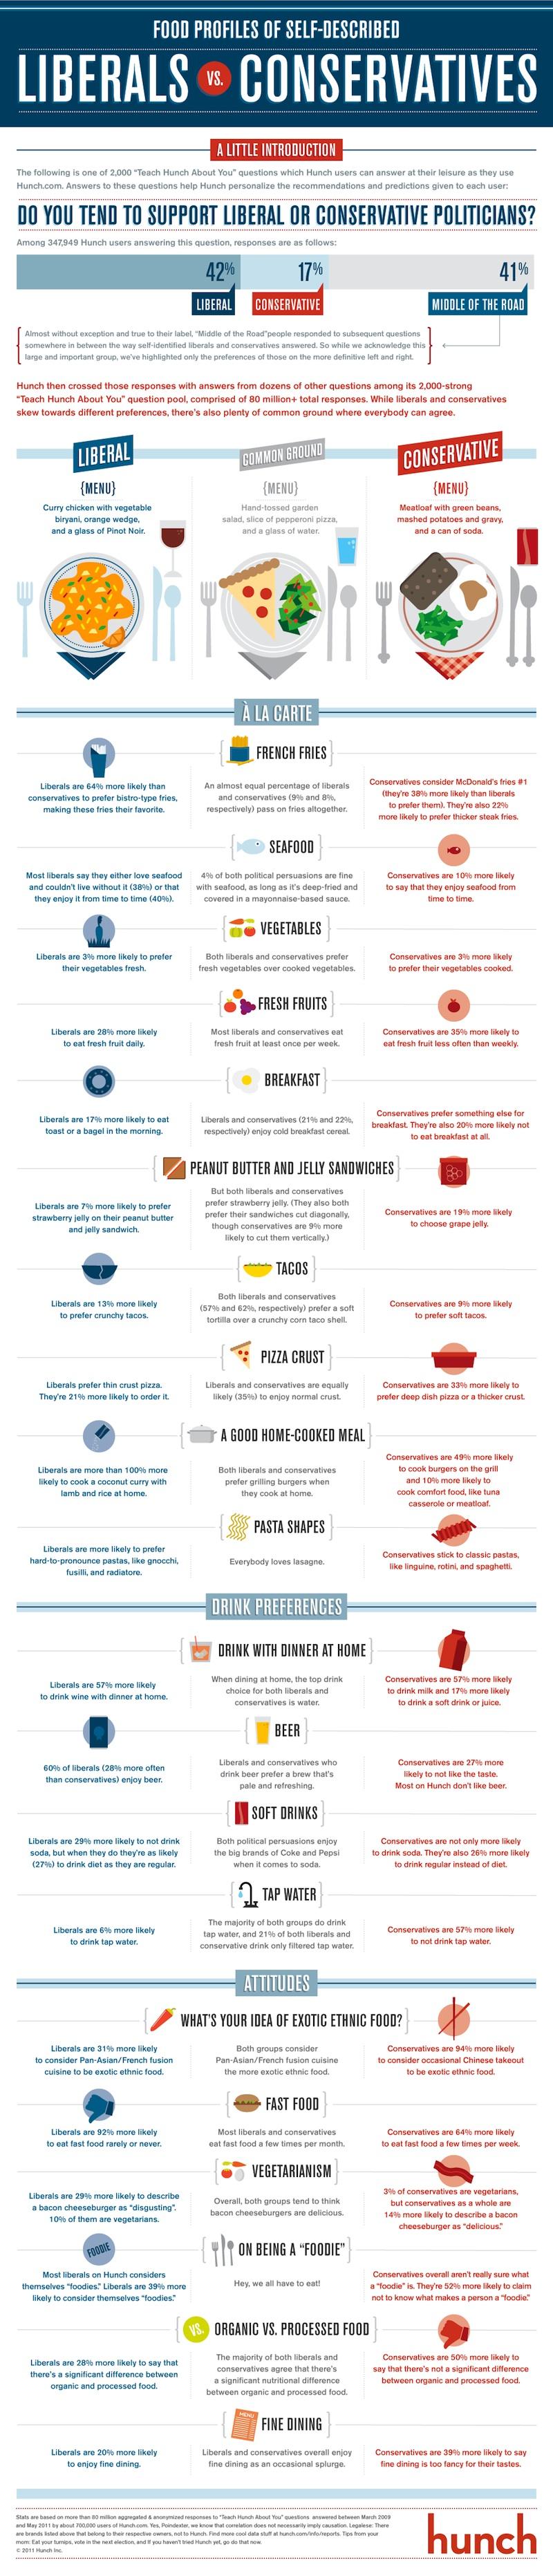 Food Profiles of Self-Described Liberals Vs. Conservatives